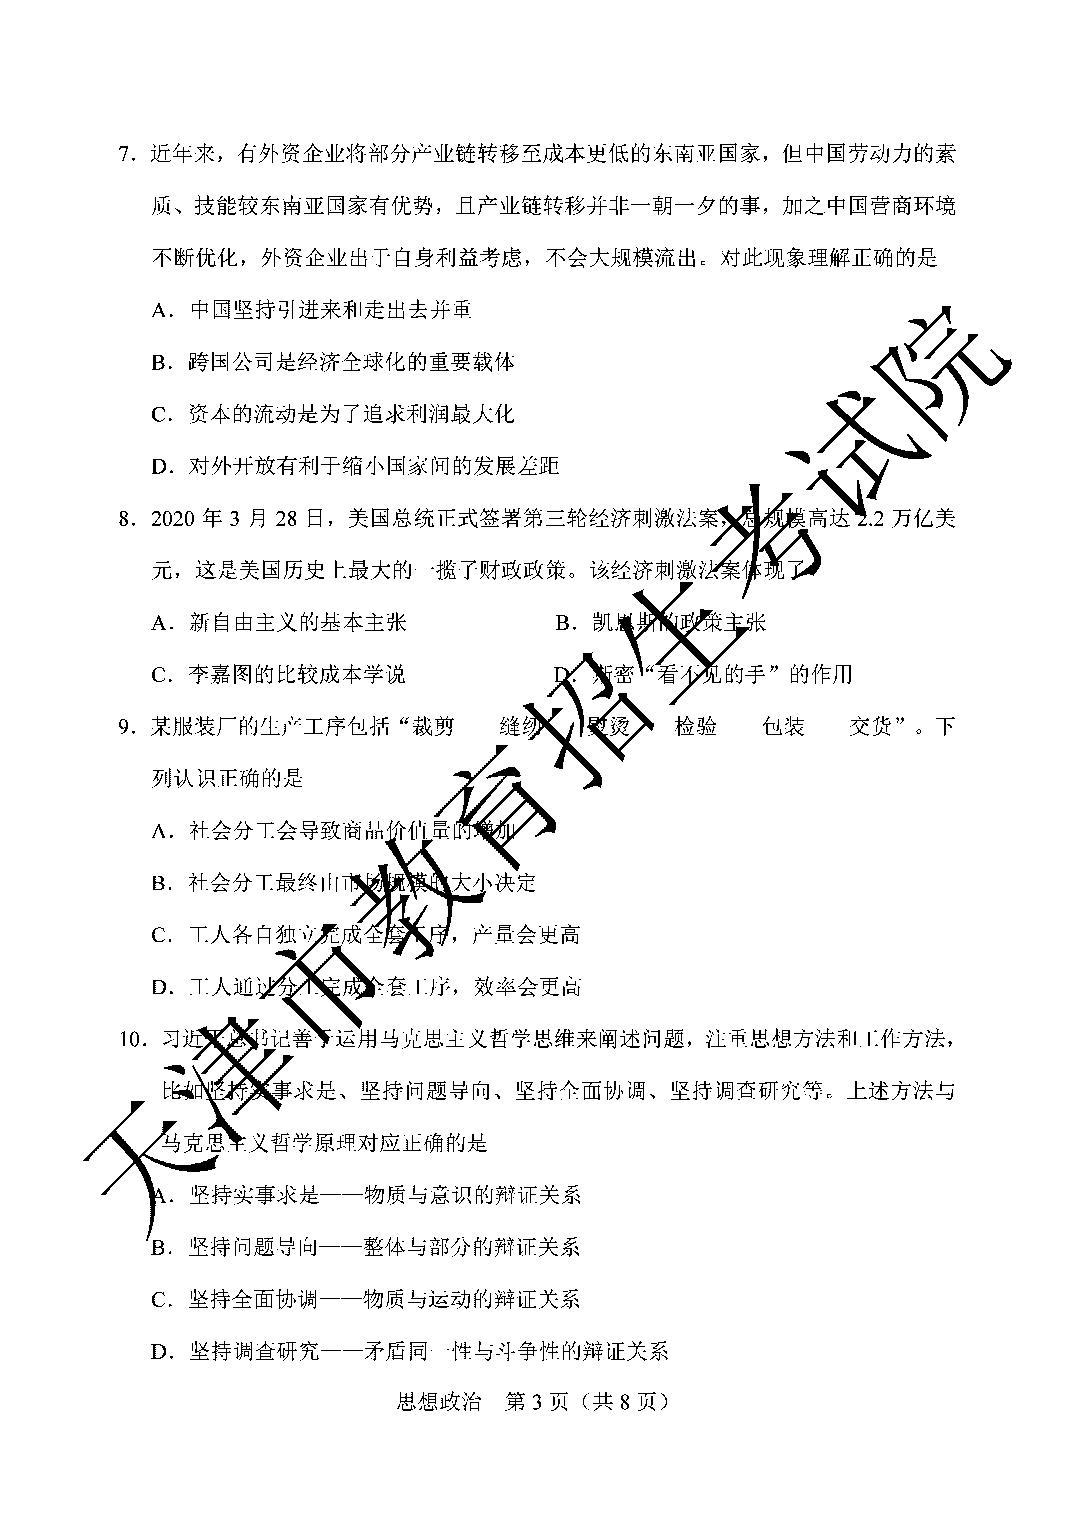 2020天津卷政治高考真题及参考答案